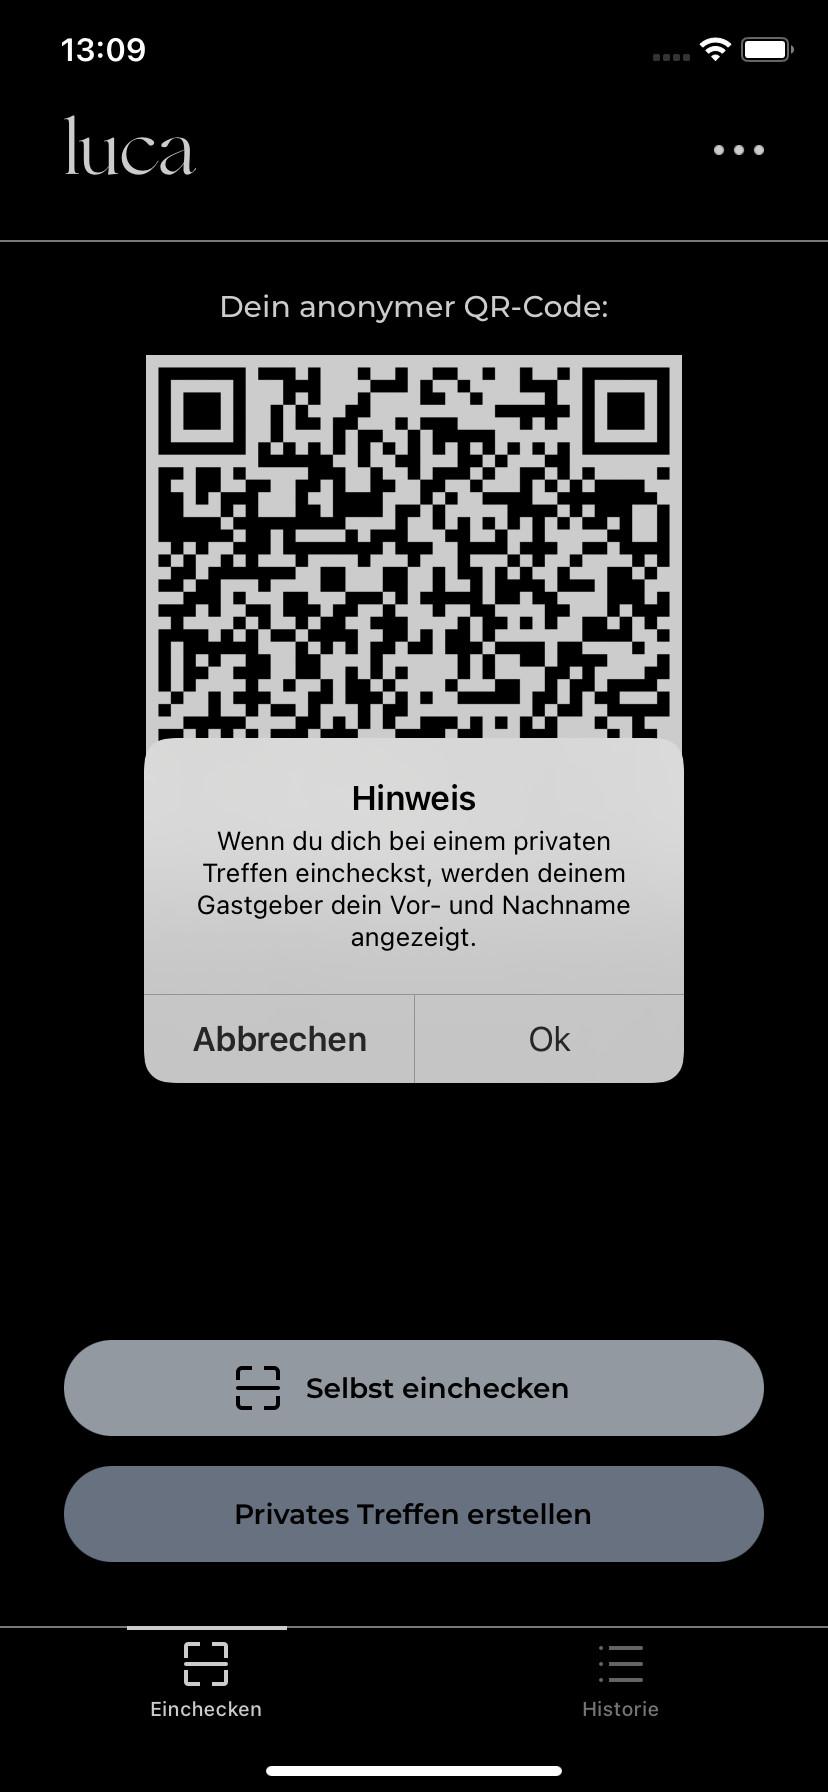 Screenshot 1 - Luca (iPhone-App)